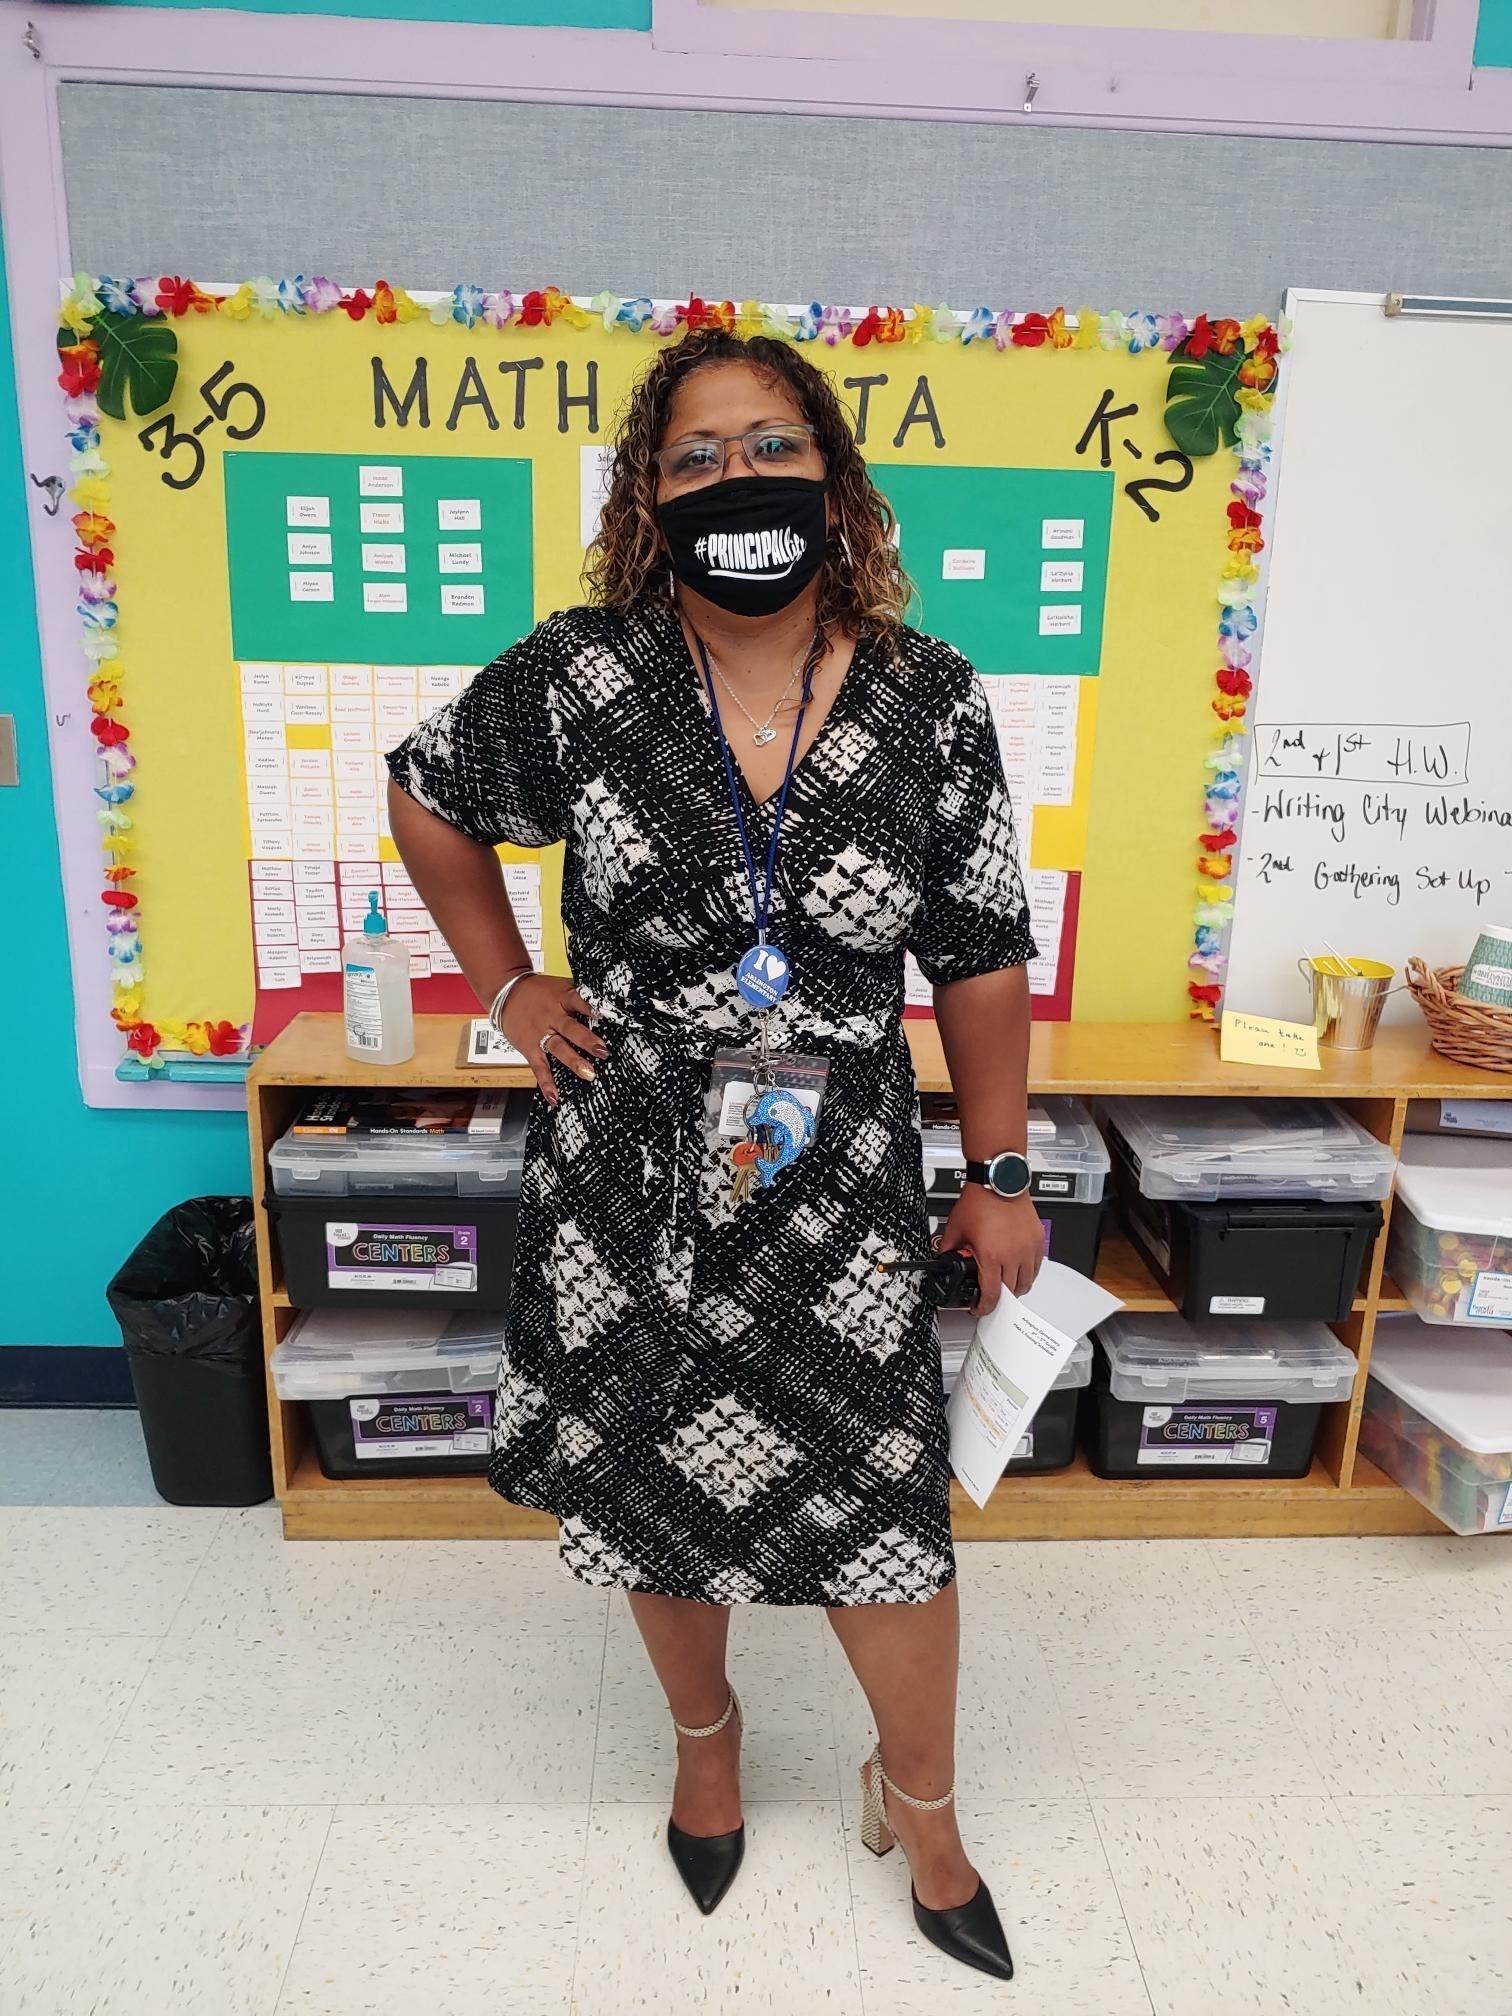 Principal Findlay at Arlington Elementary